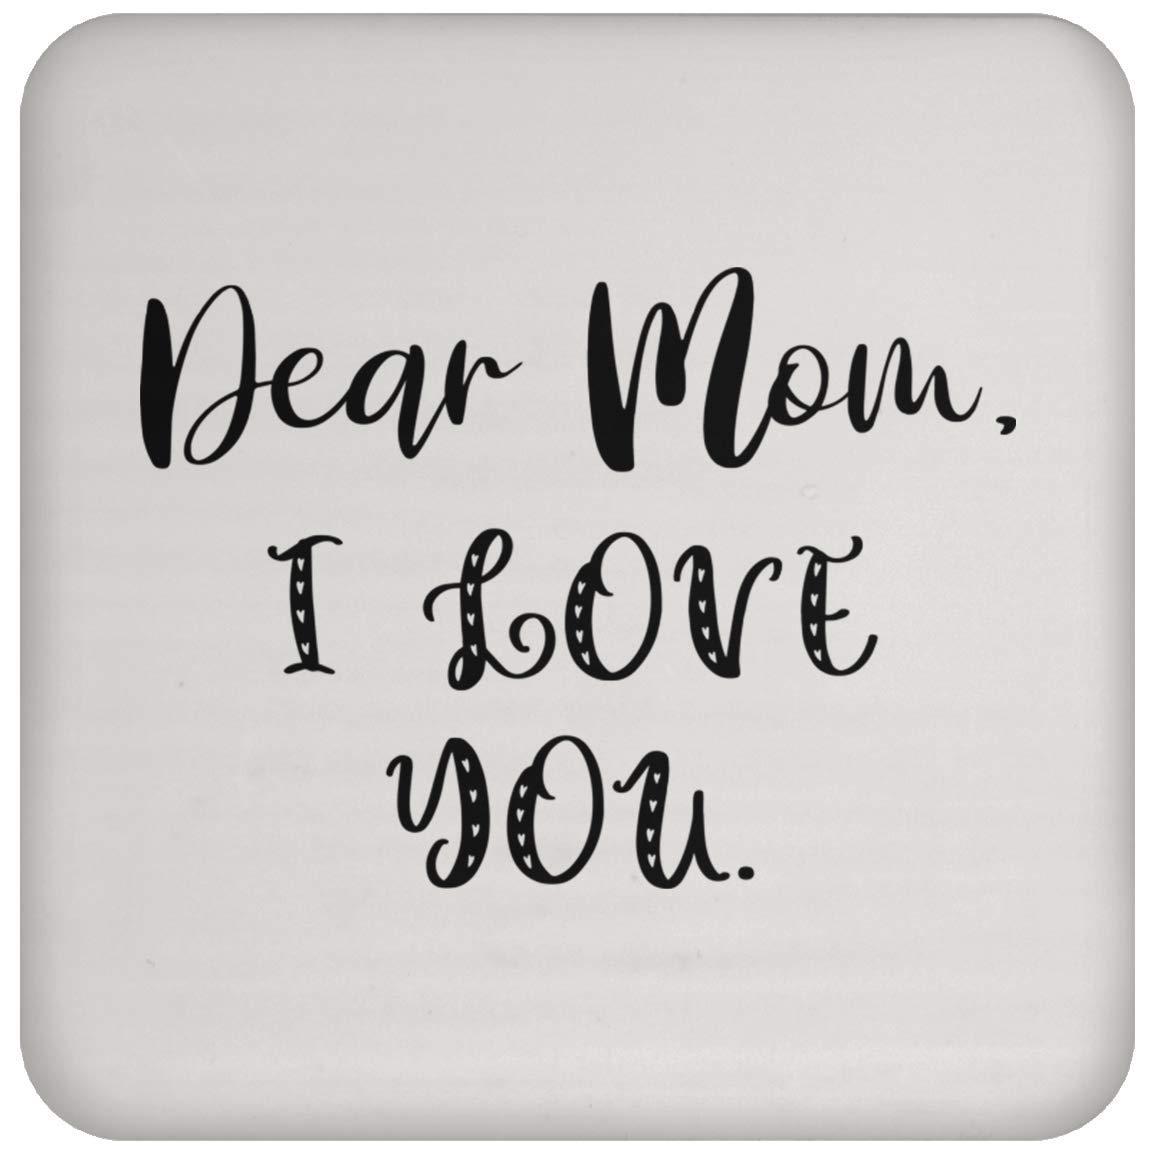 Dear Mom コースター - コーヒー ティー ドリンク - 面白い ノベルティ ギフト アイデア - 101191   B07P33KDGN